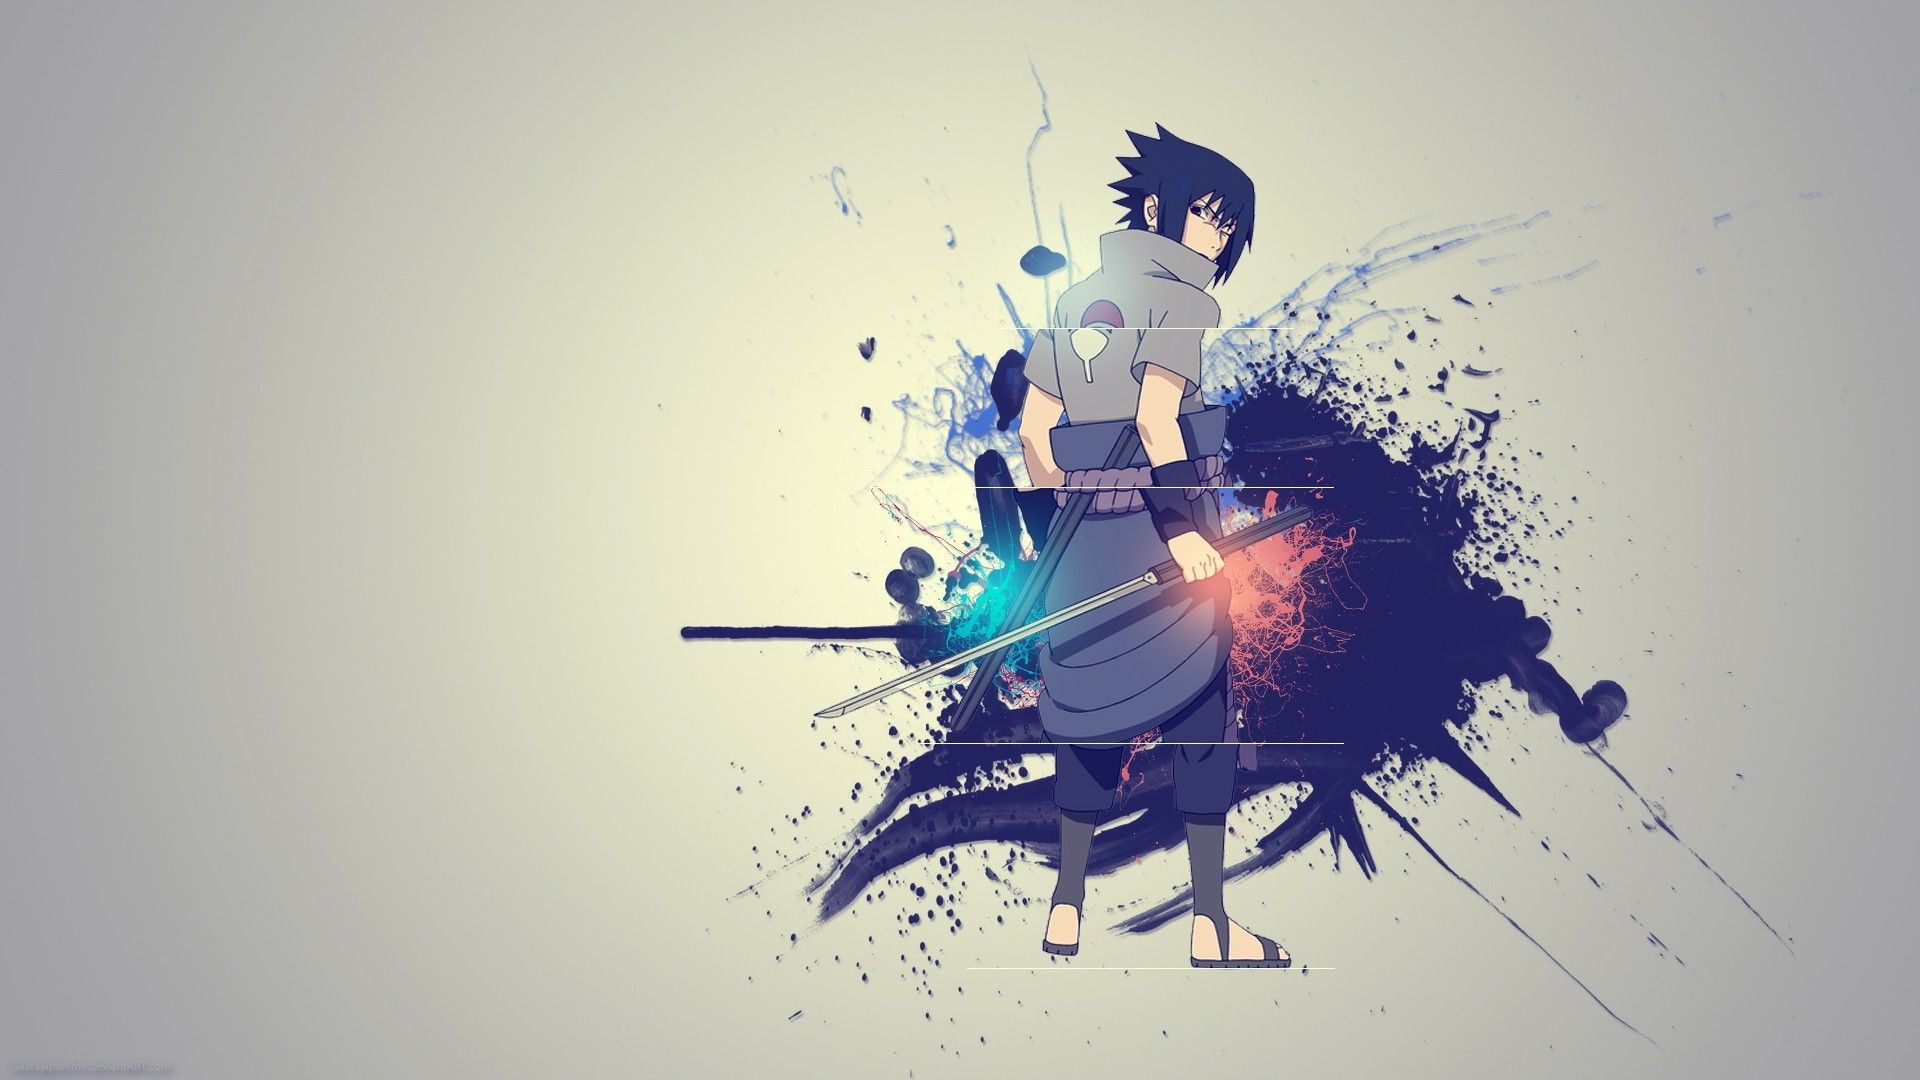 Uchiha Sasuke Naruto Shippuden Wallpaper 1920x1080